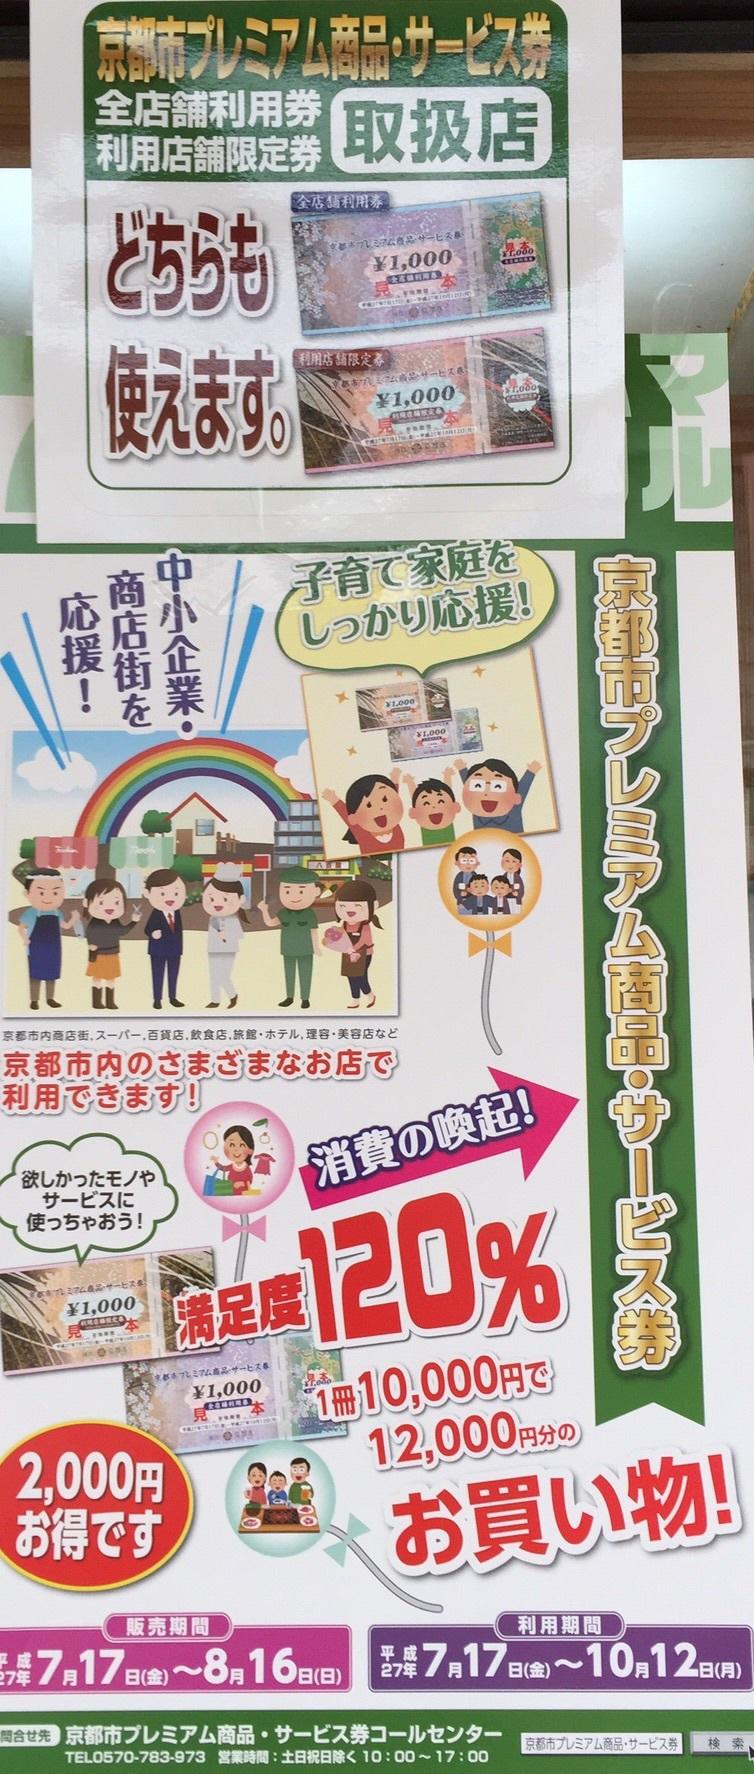 市 取扱 券 プレミアム 京都 店 商品